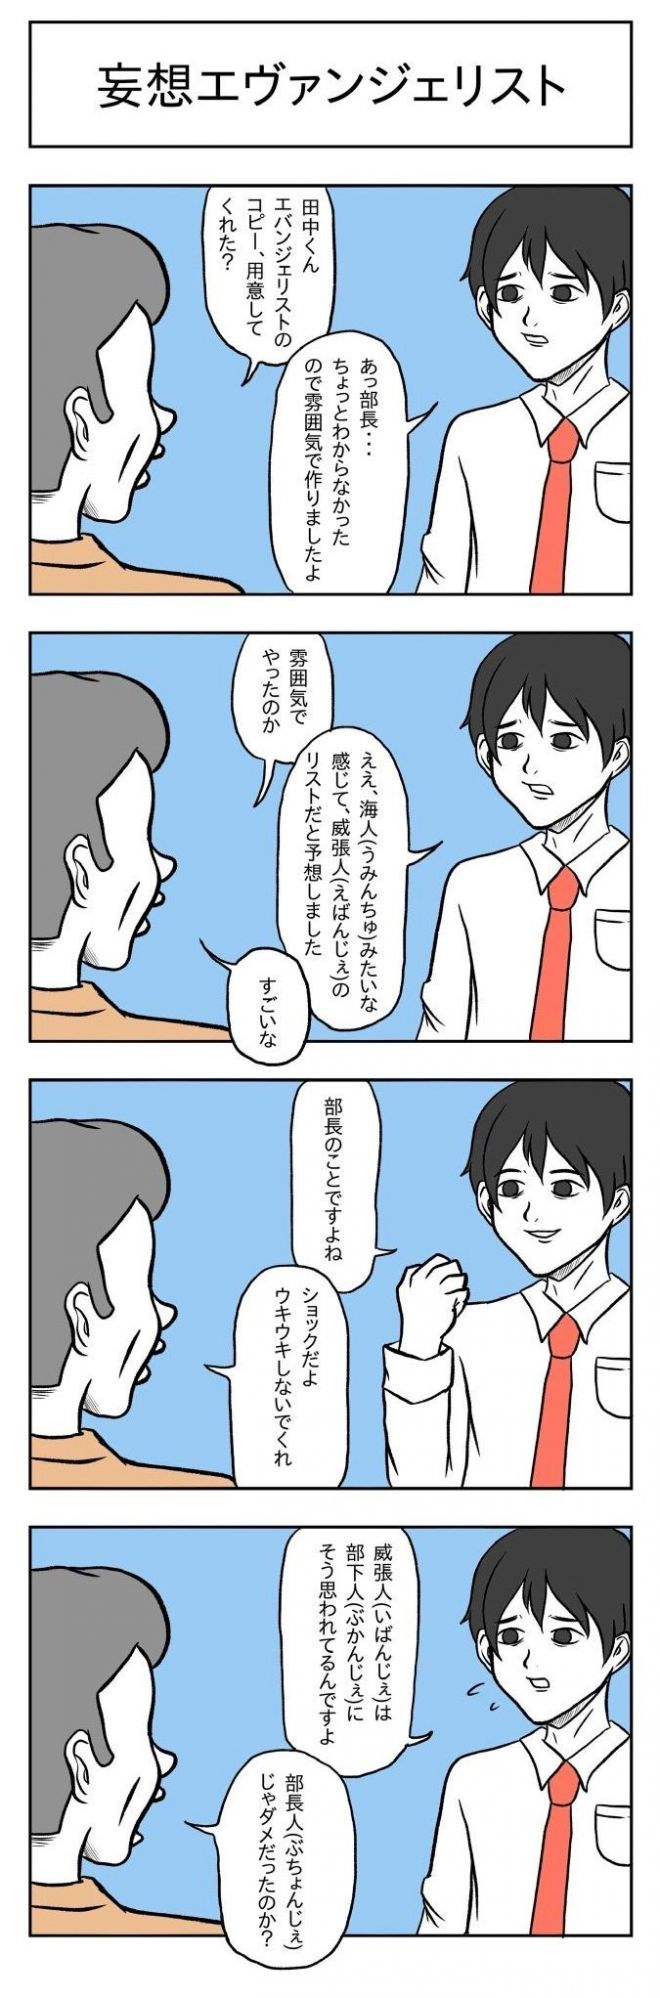 小山コータローさんの「妄想エヴァンジェリスト」